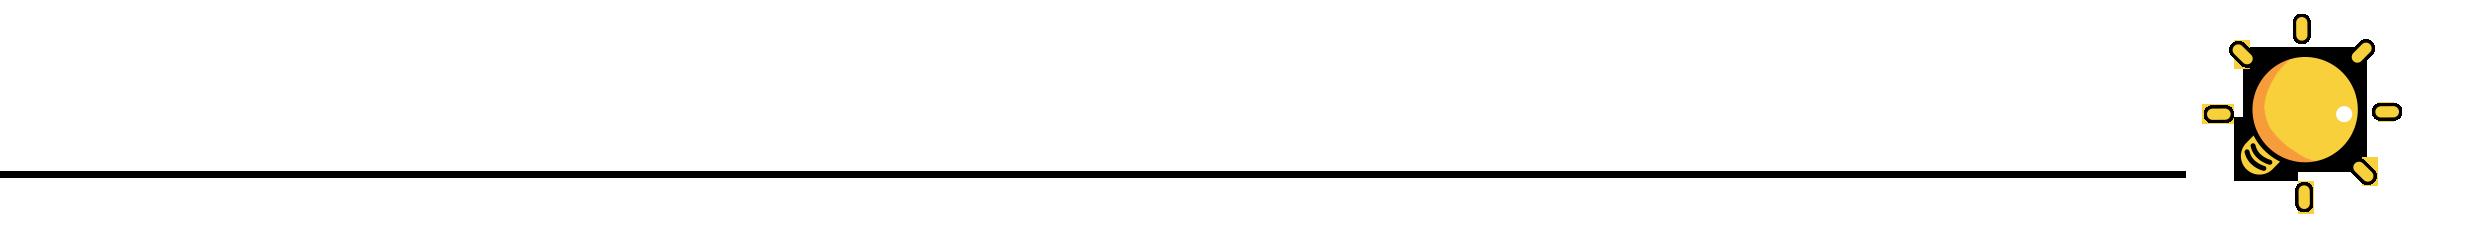 灯泡2.png